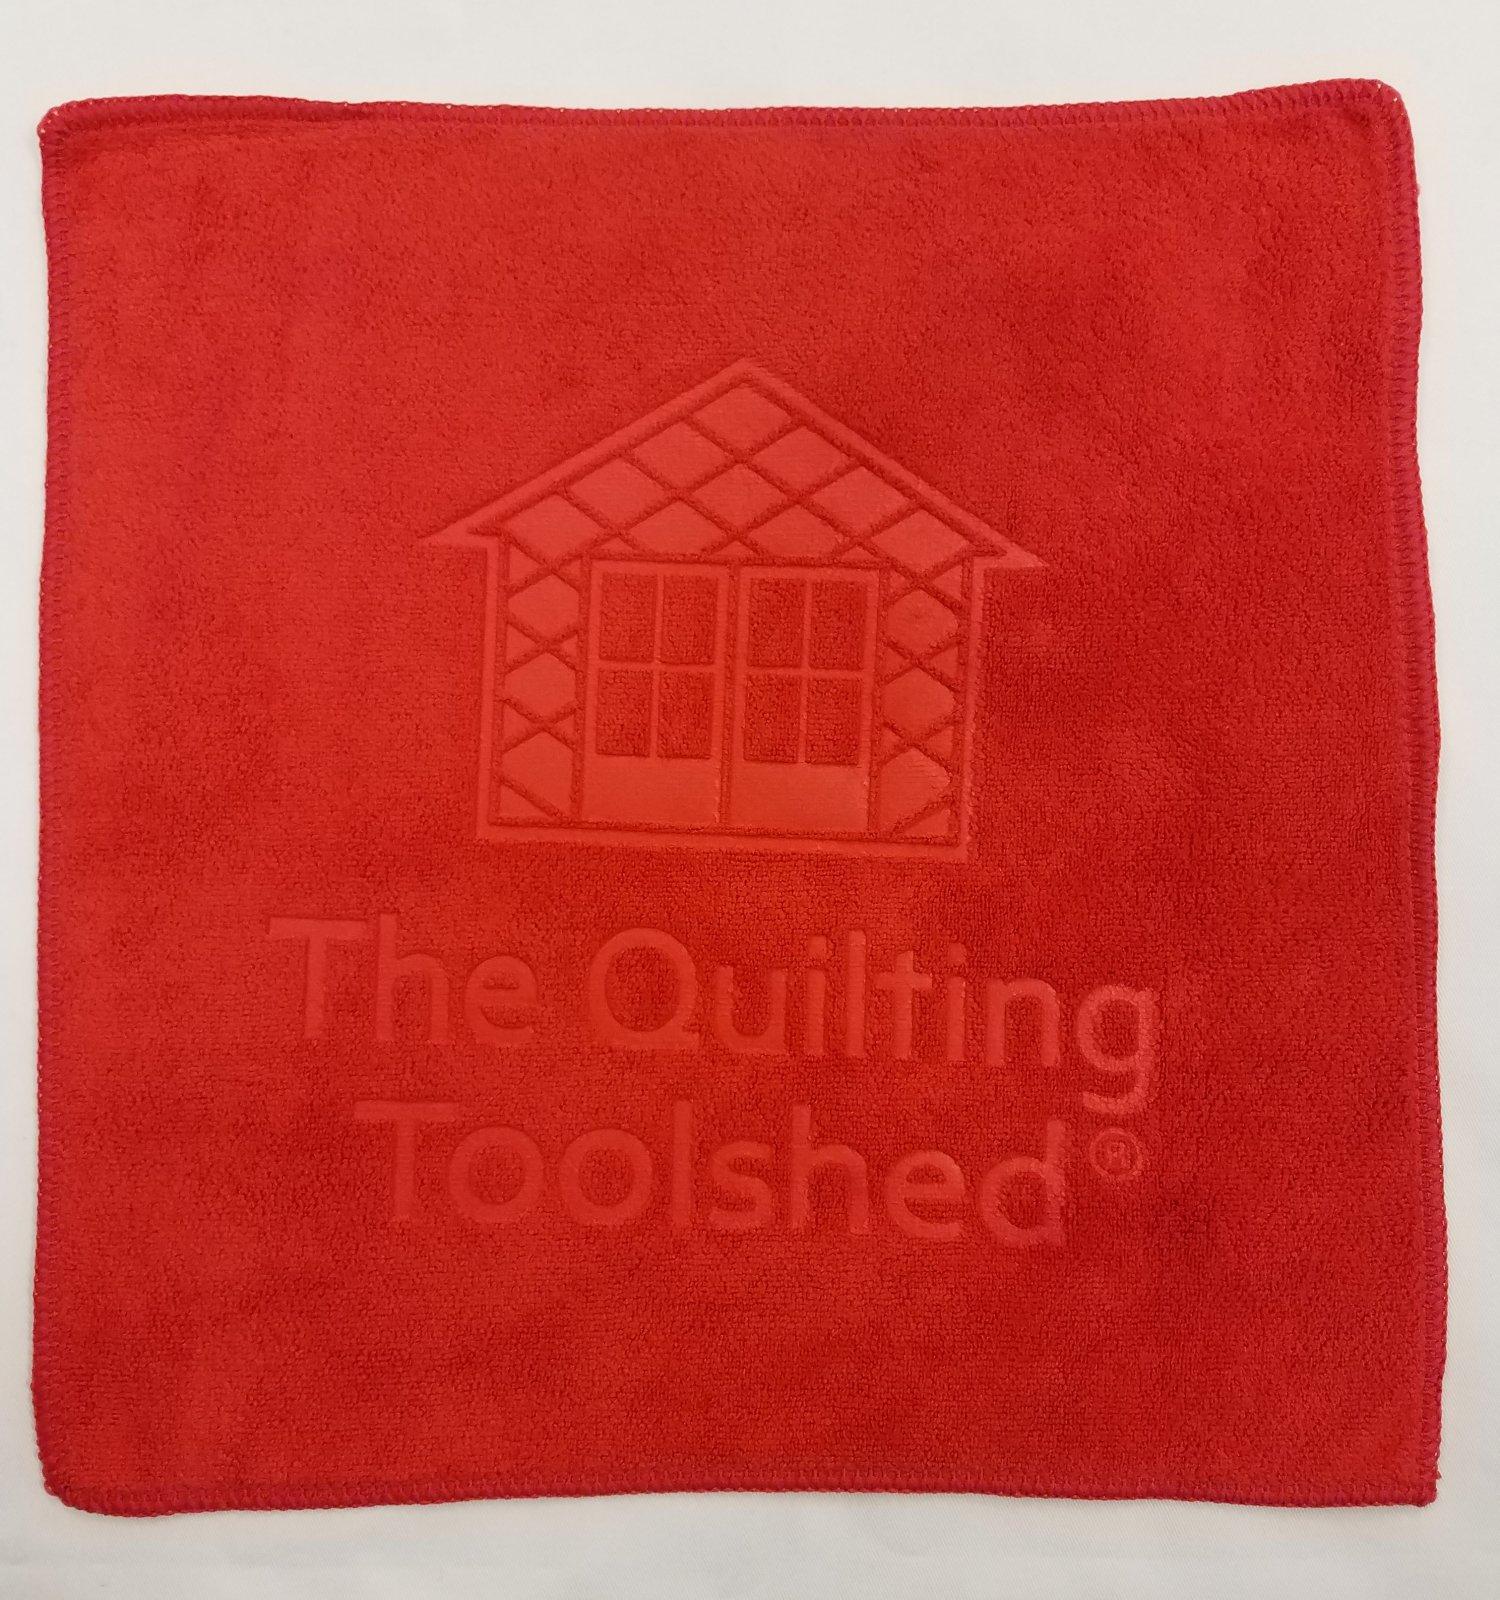 Red Microfiber Towel